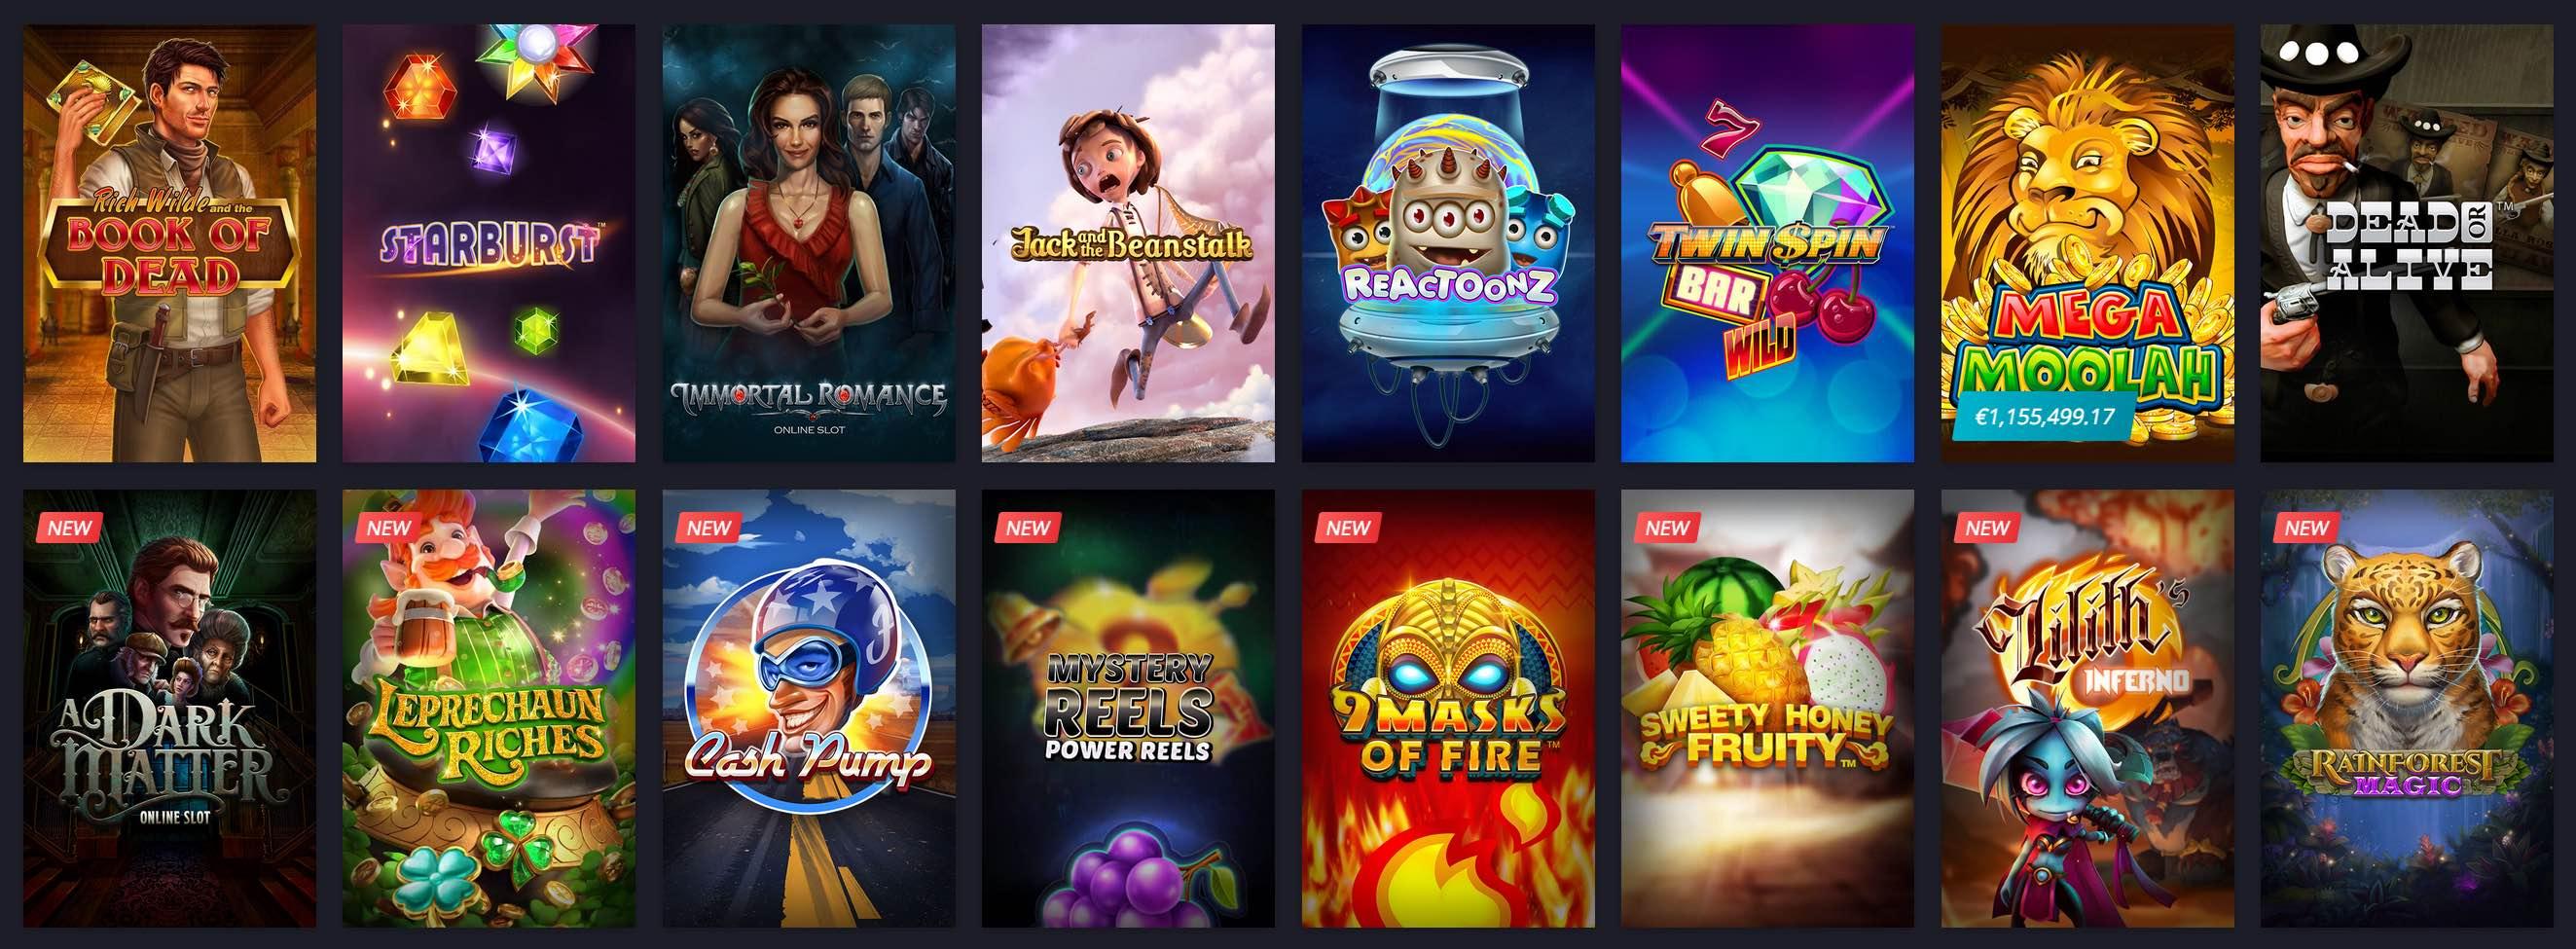 Beliebte Spiele